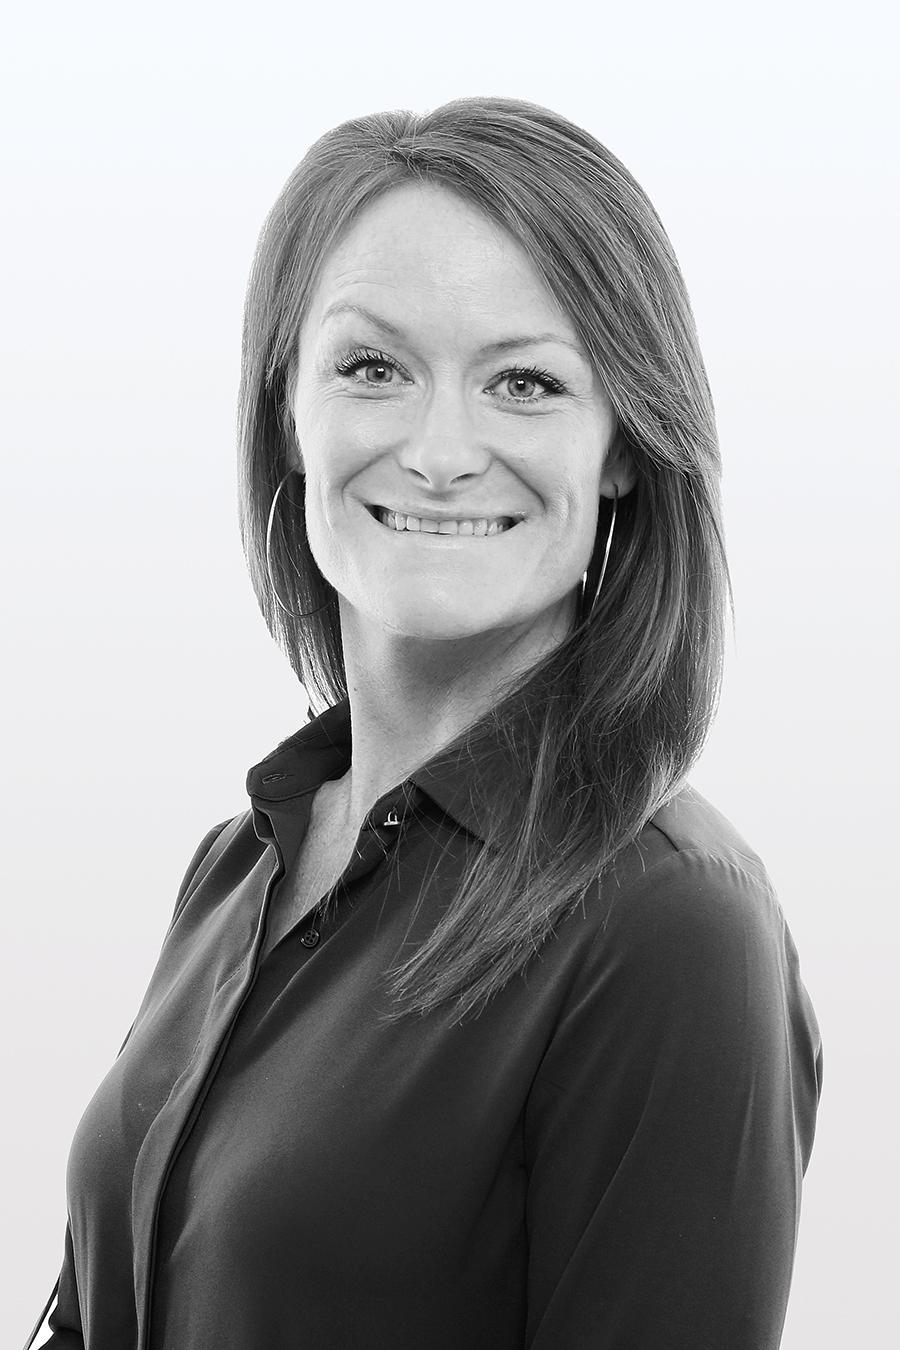 Kerry Lyon